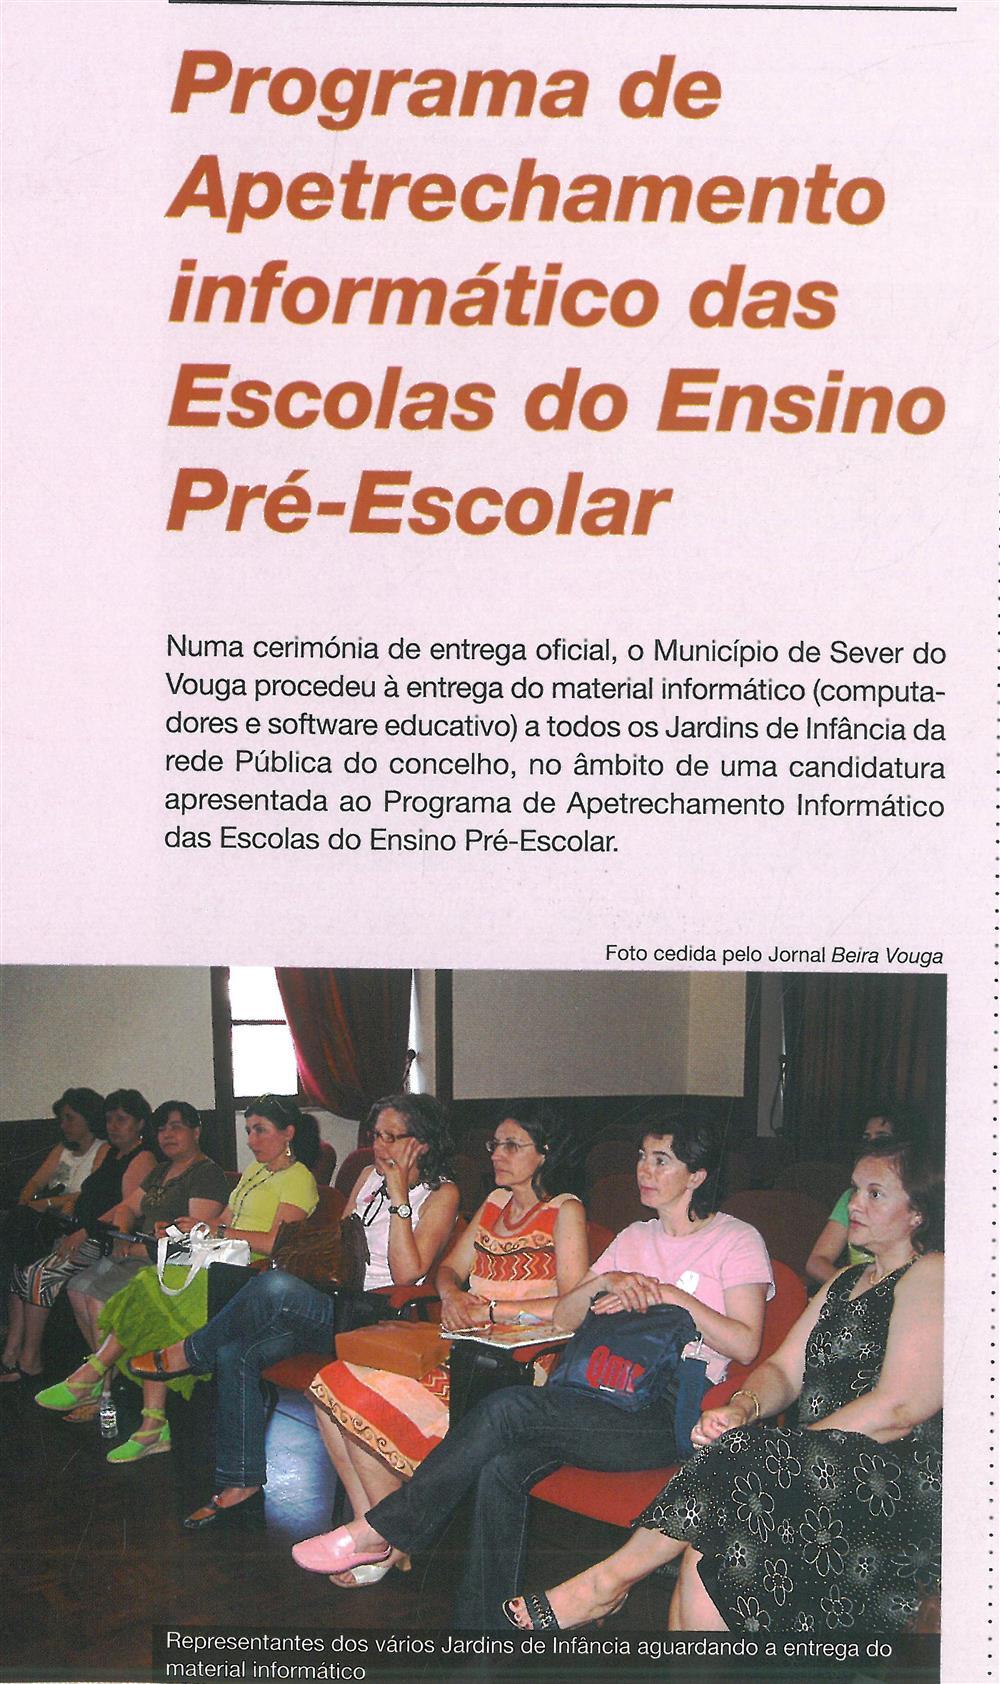 BoletimMunicipal-n.º 20-set.'06-p.29-Educação : Programa de Apetrechamento Informático das Escolas do Ensino Pré-Escolar.jpg